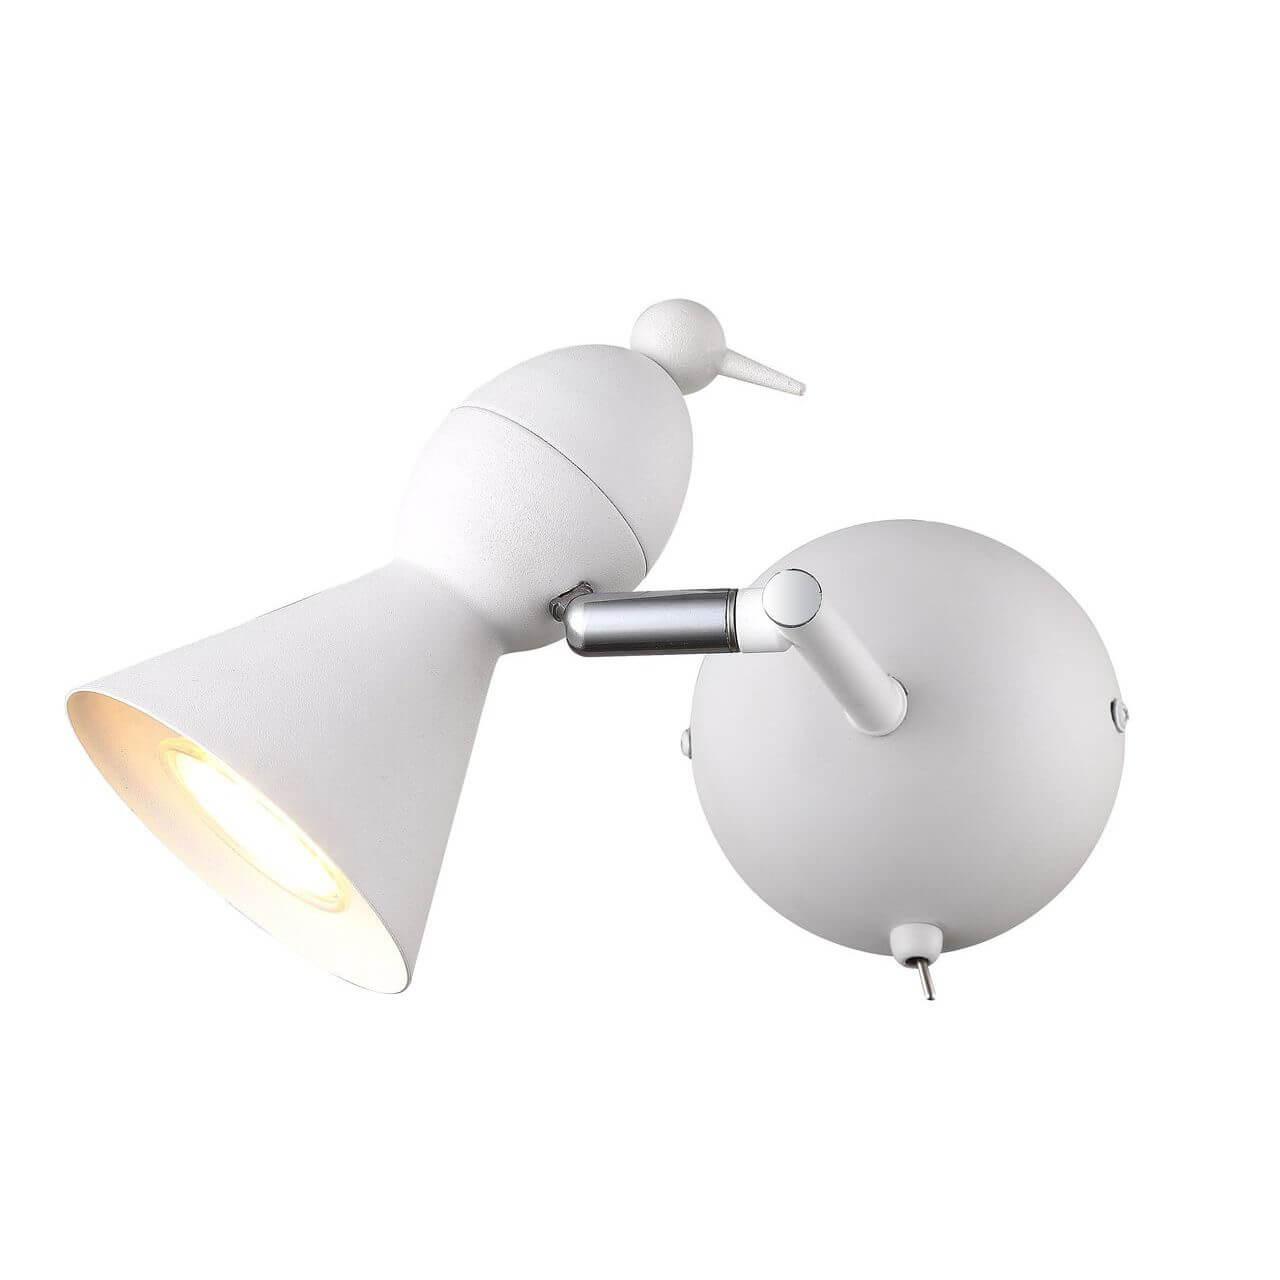 купить Спот Arte Lamp Picchio A9229AP-1WH по цене 2030 рублей